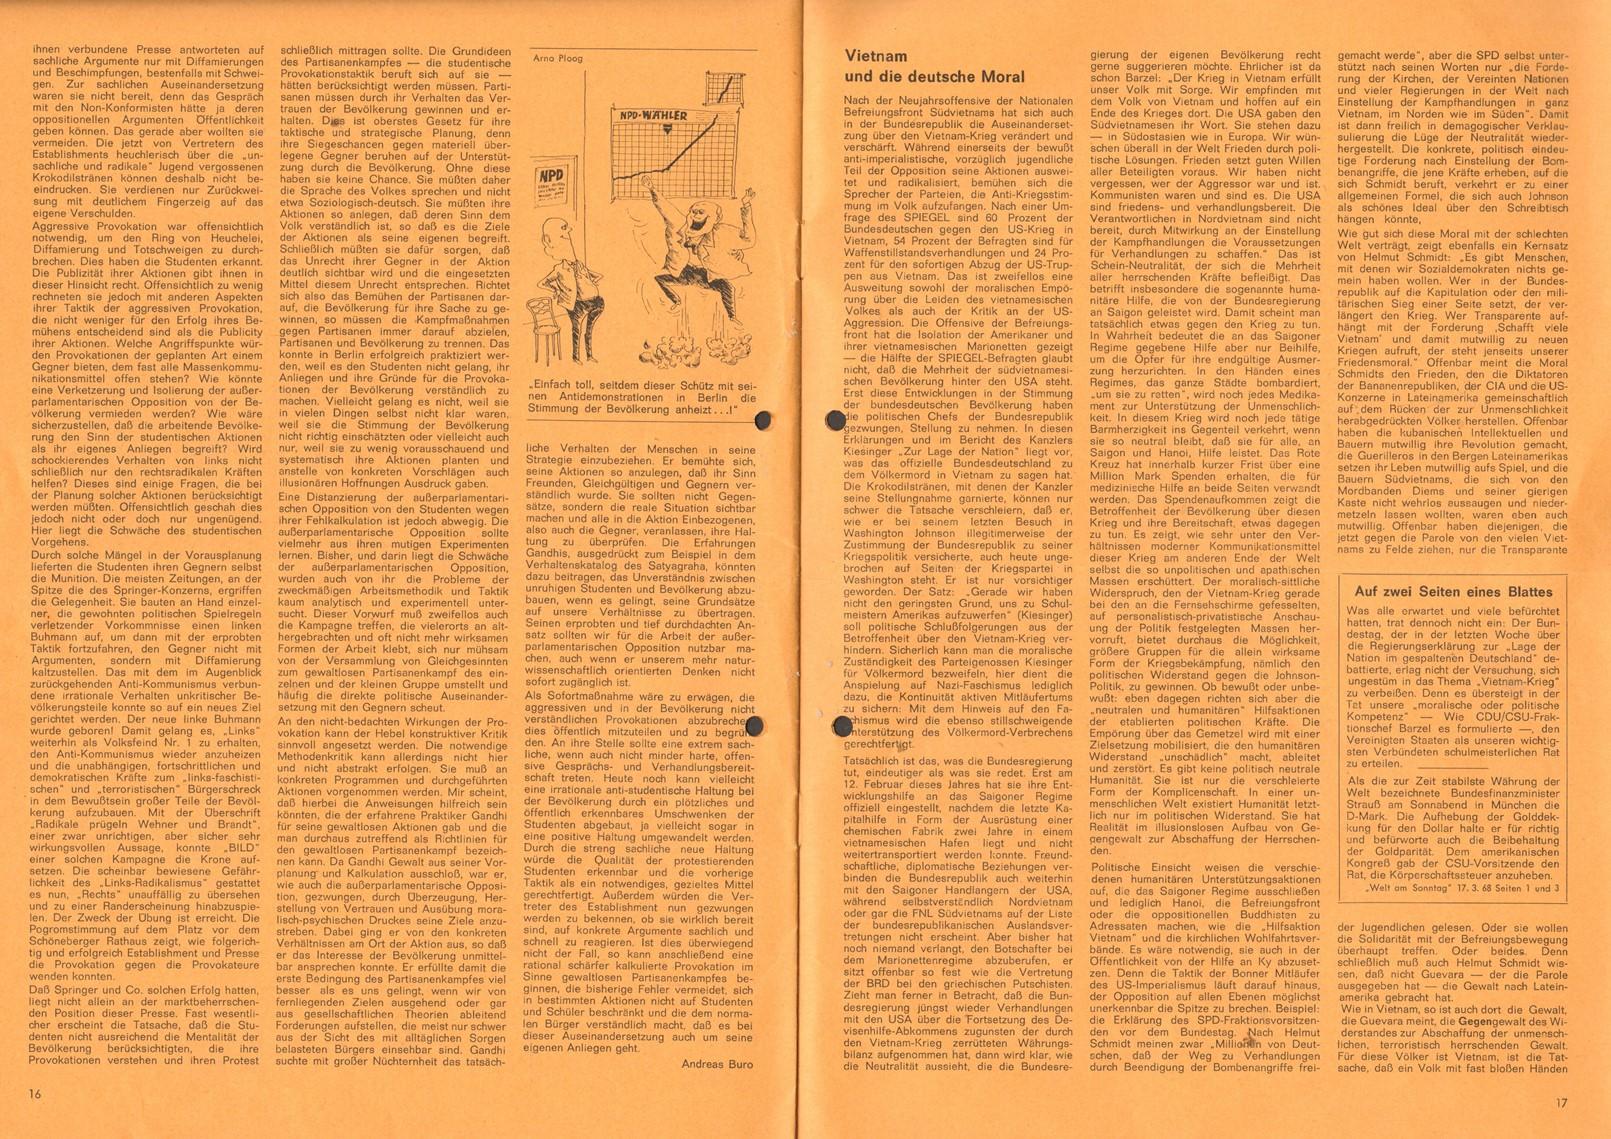 Informationen_zur_Abruestung_1968_056_009